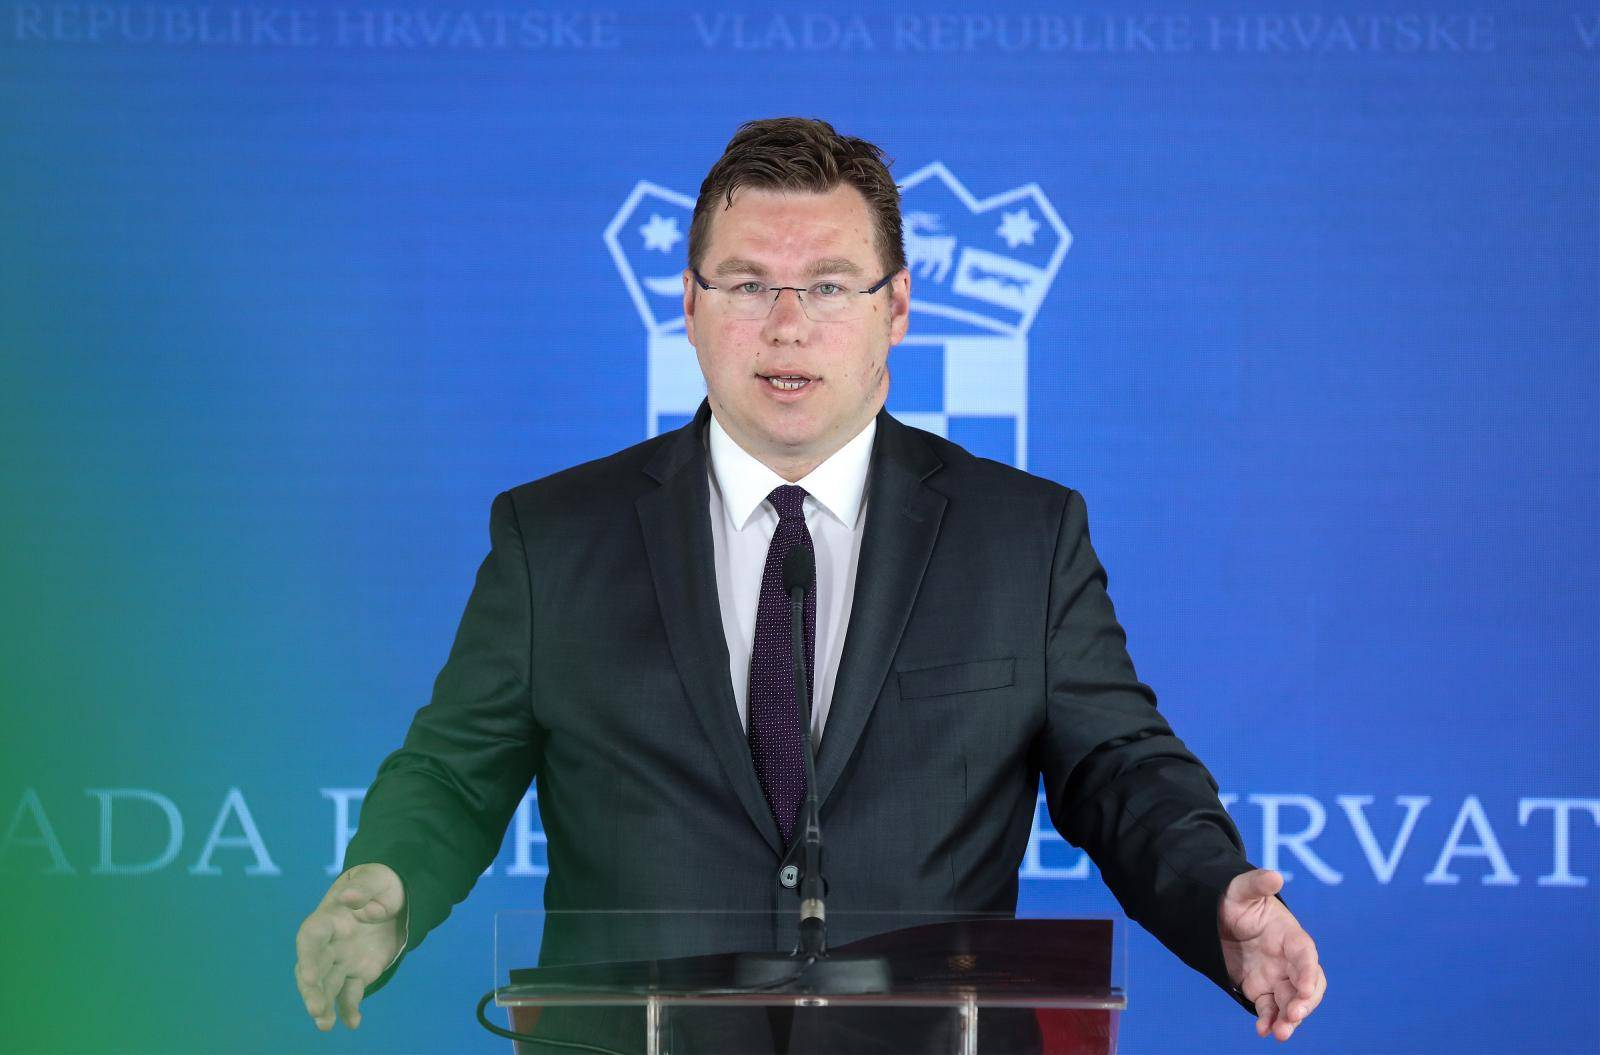 Zagreb: Sjednica Vlade održana je u Nacionalnoj i sveučilišnoj knjižnici